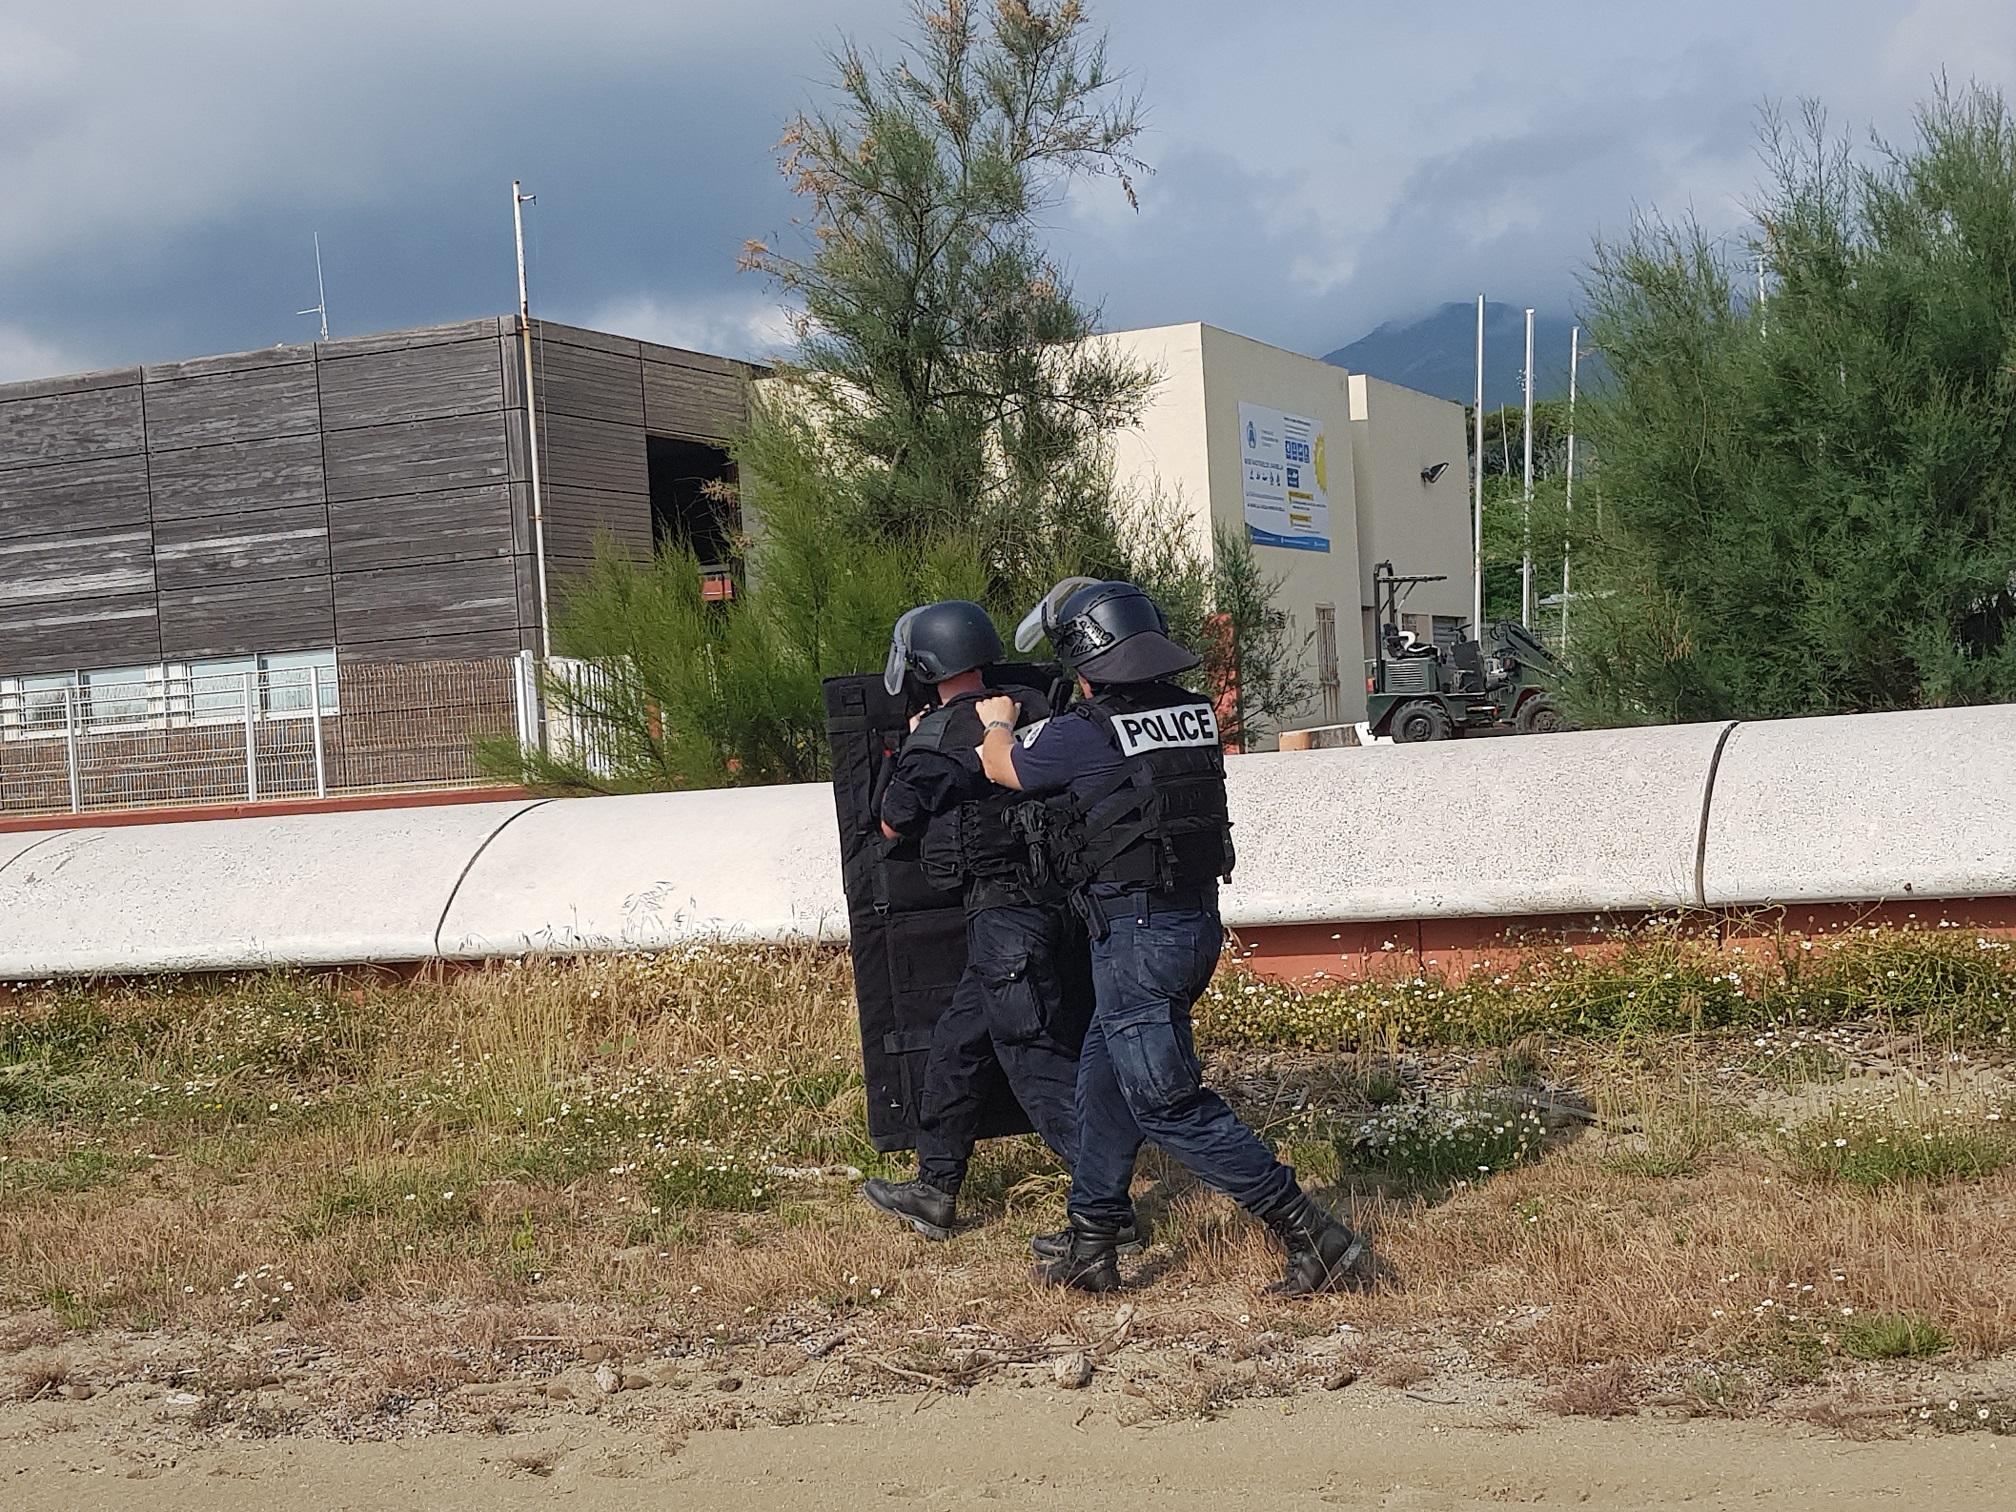 Bastia : Scène de terrorisme à l'Arinella pour… les besoins d'un exercice de sécurité